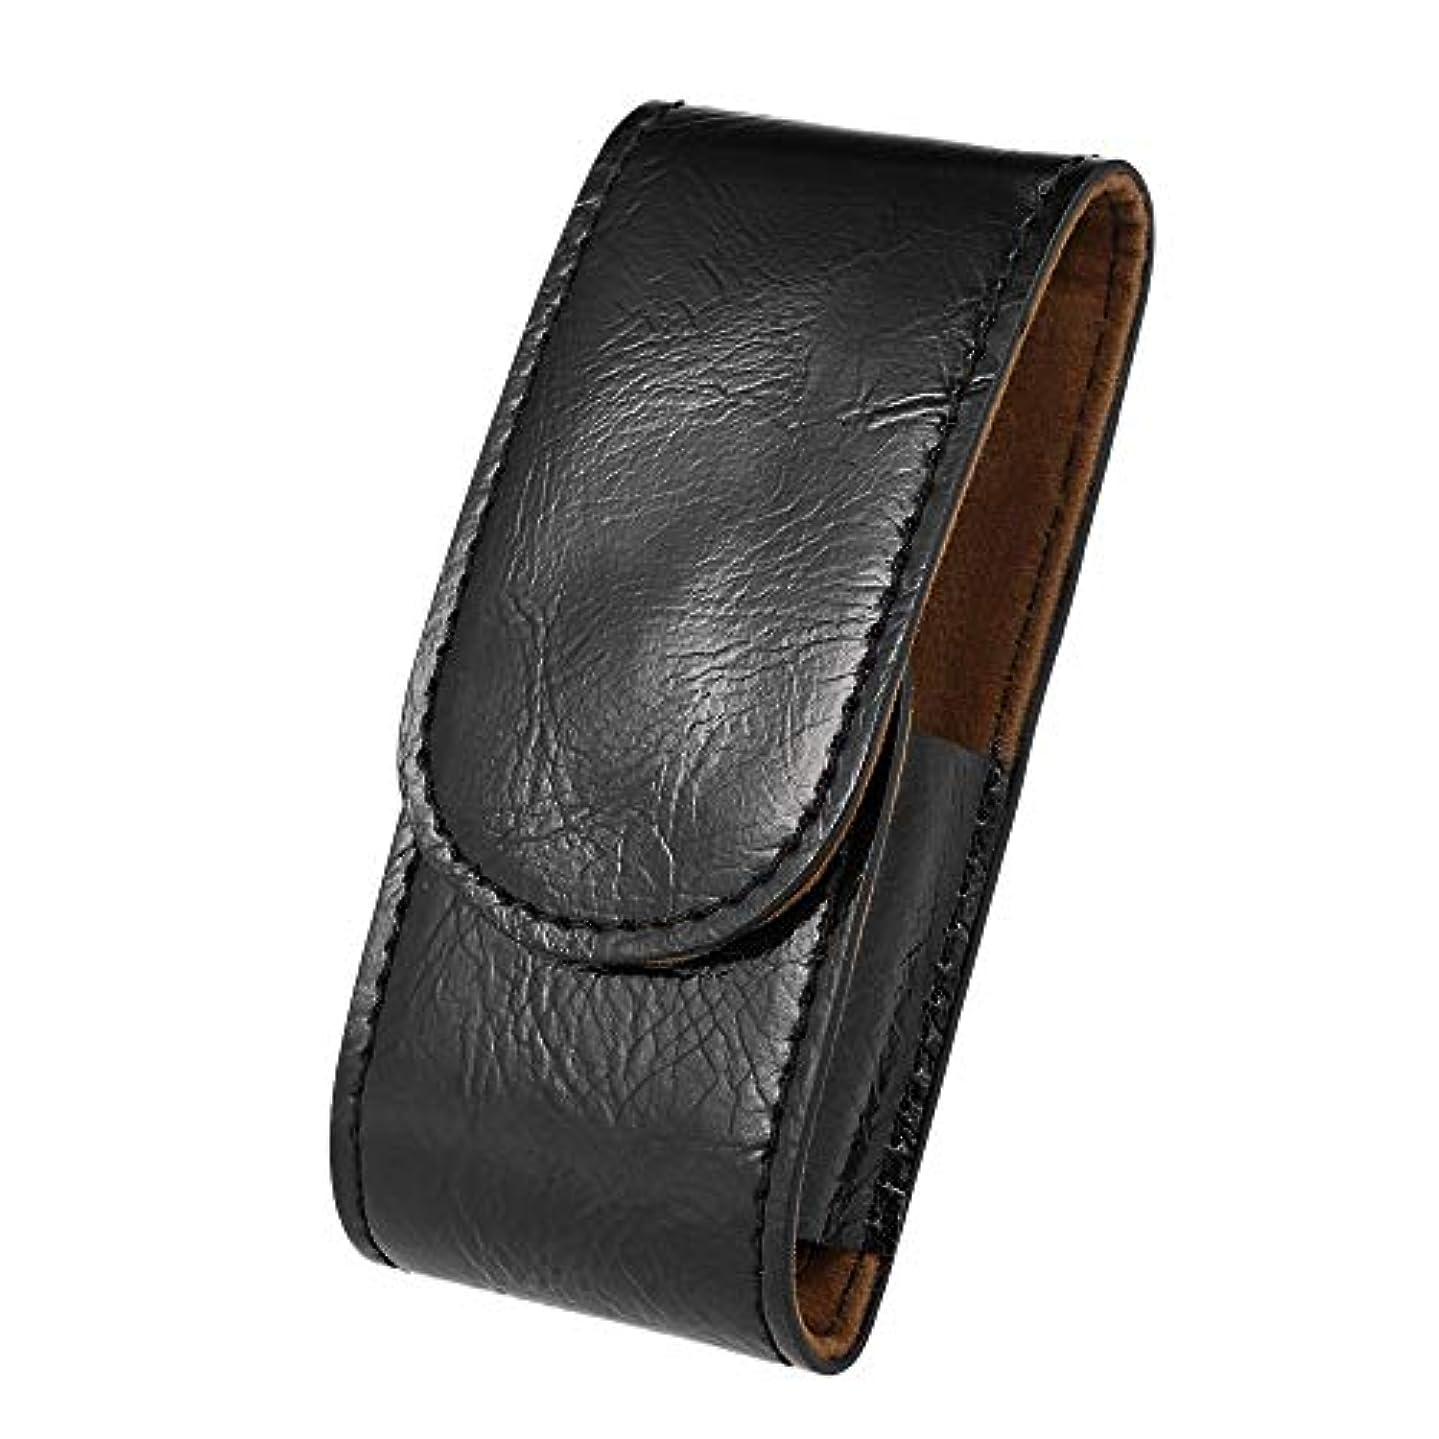 一元化する民兵ファランクスMen PU Leather Razor Pouch Shave Beard Shaver Handbag Pouch Safety Razor Case Storage Bag Double Edge Razor Holder